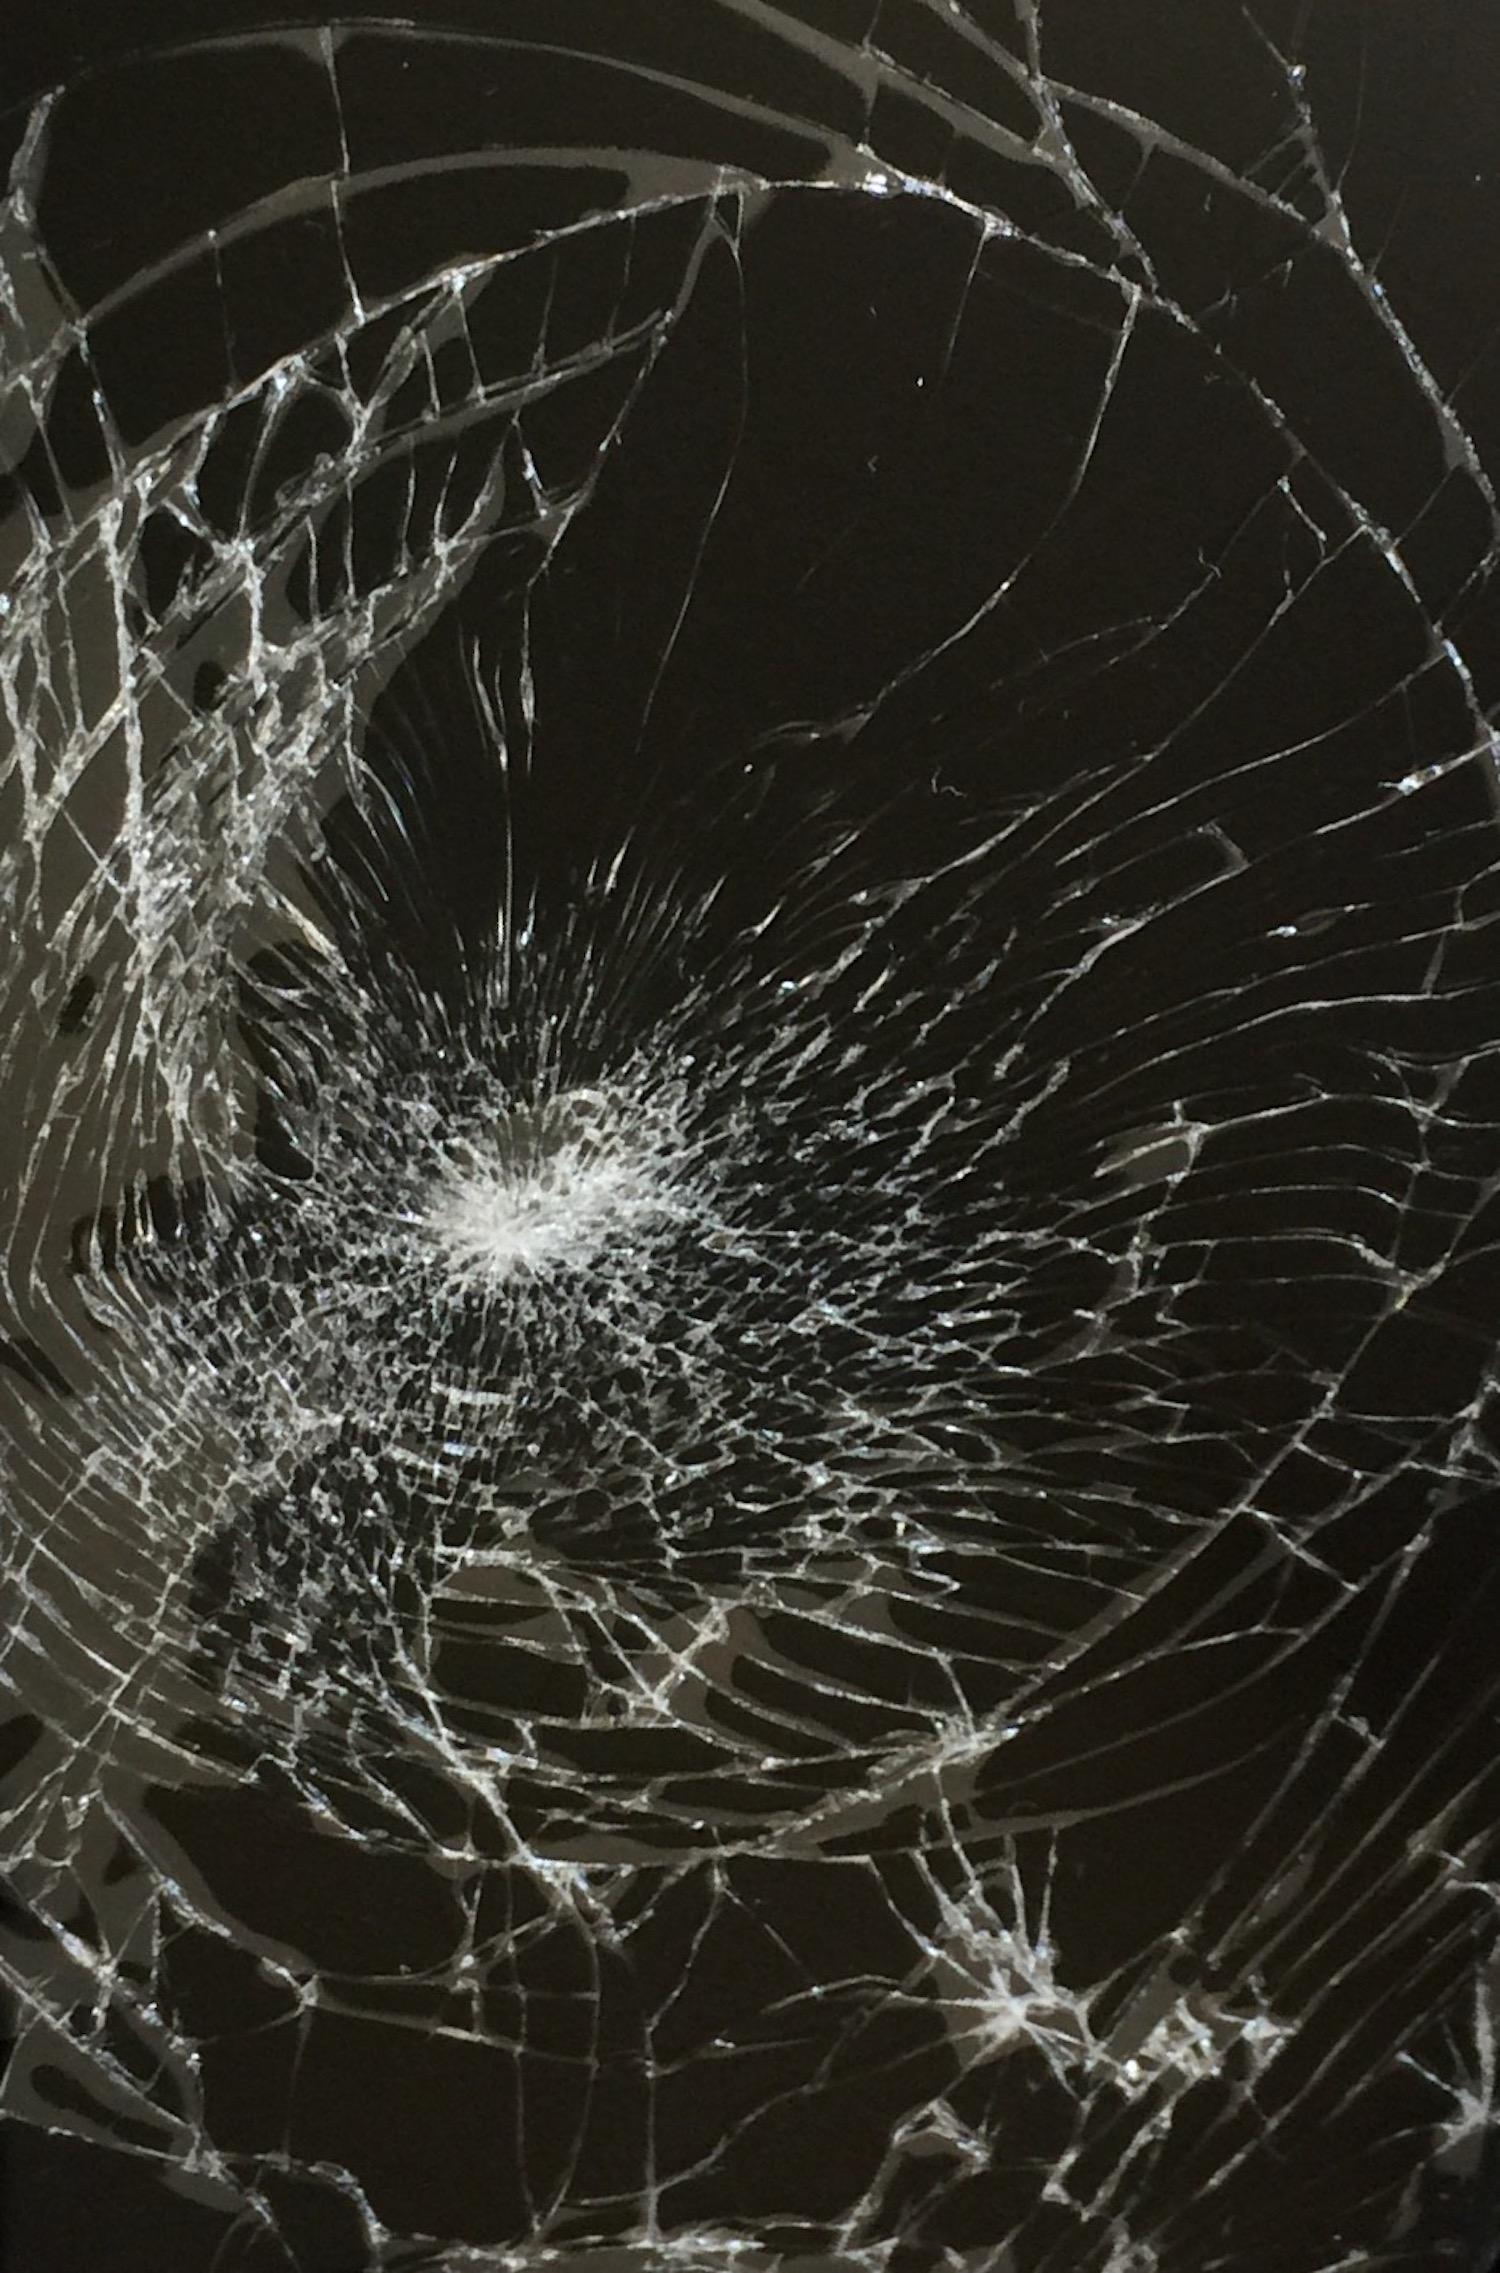 April Fools The Broken Screen Wallpaper Prank for iPhone iPad 1500x2273